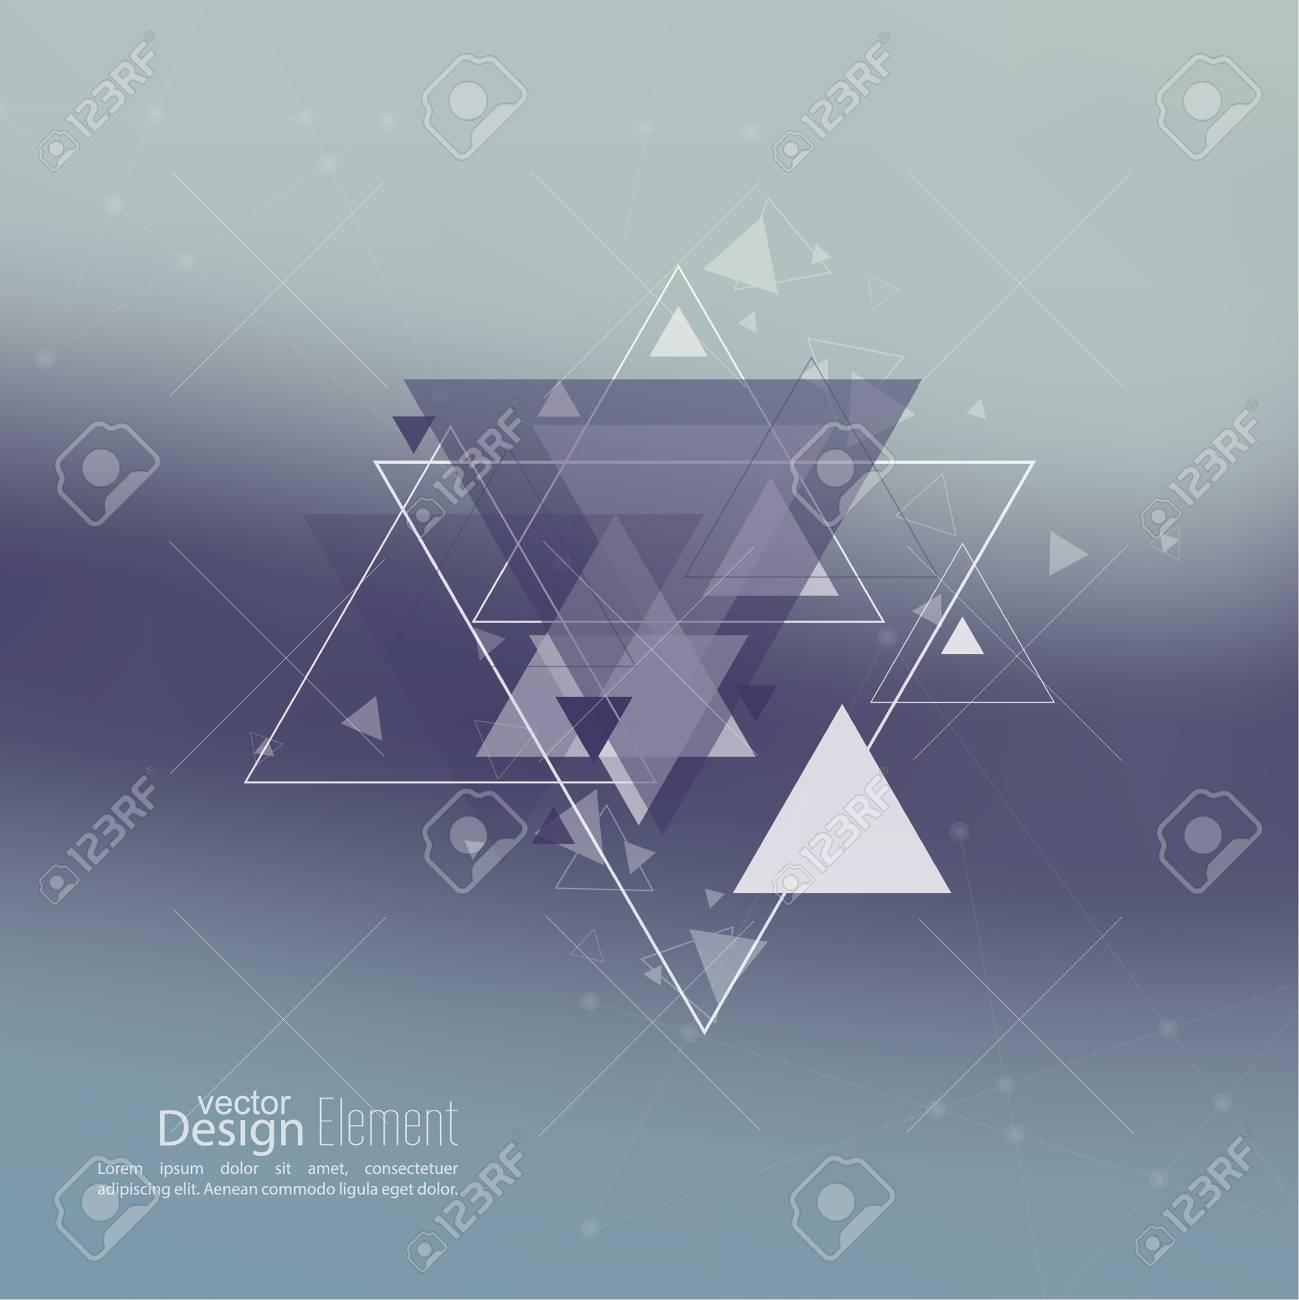 Fondo Borroso Abstracto Con Triángulos De Hipster Fondo De